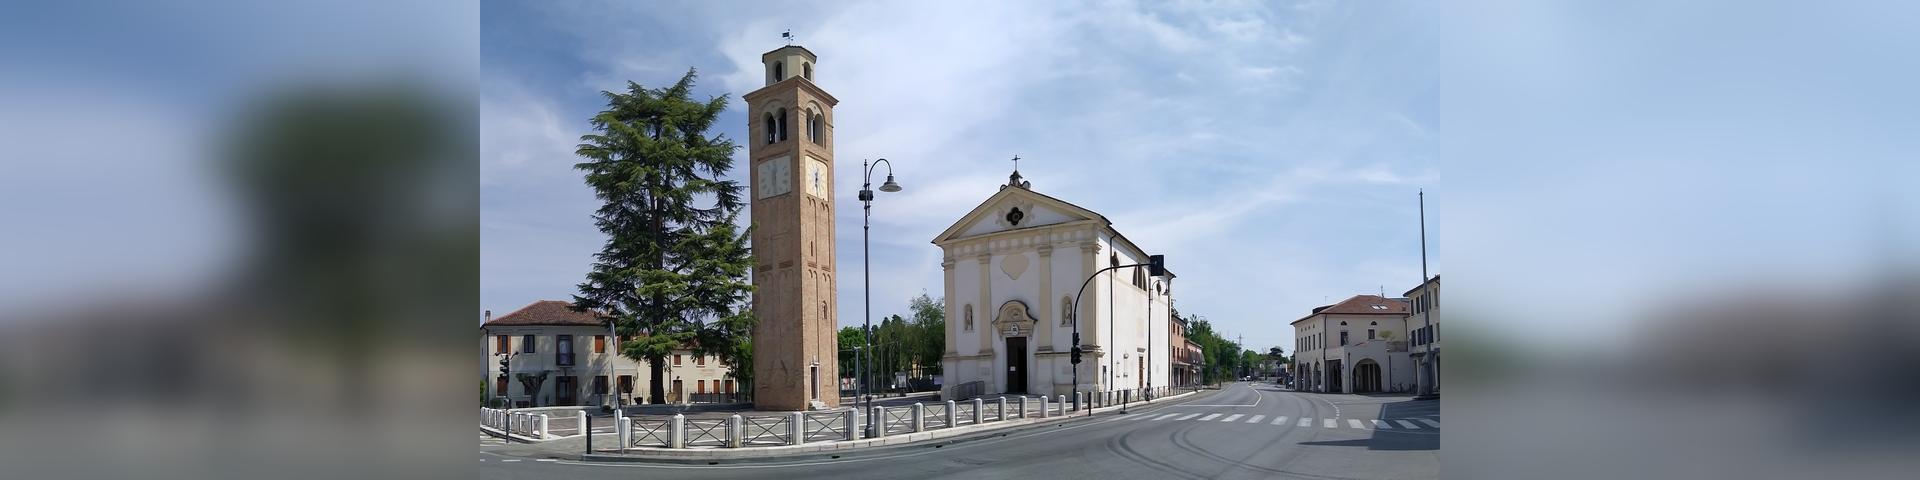 Parrocchia Ss. Vito e Compagni Martiri - Spinea